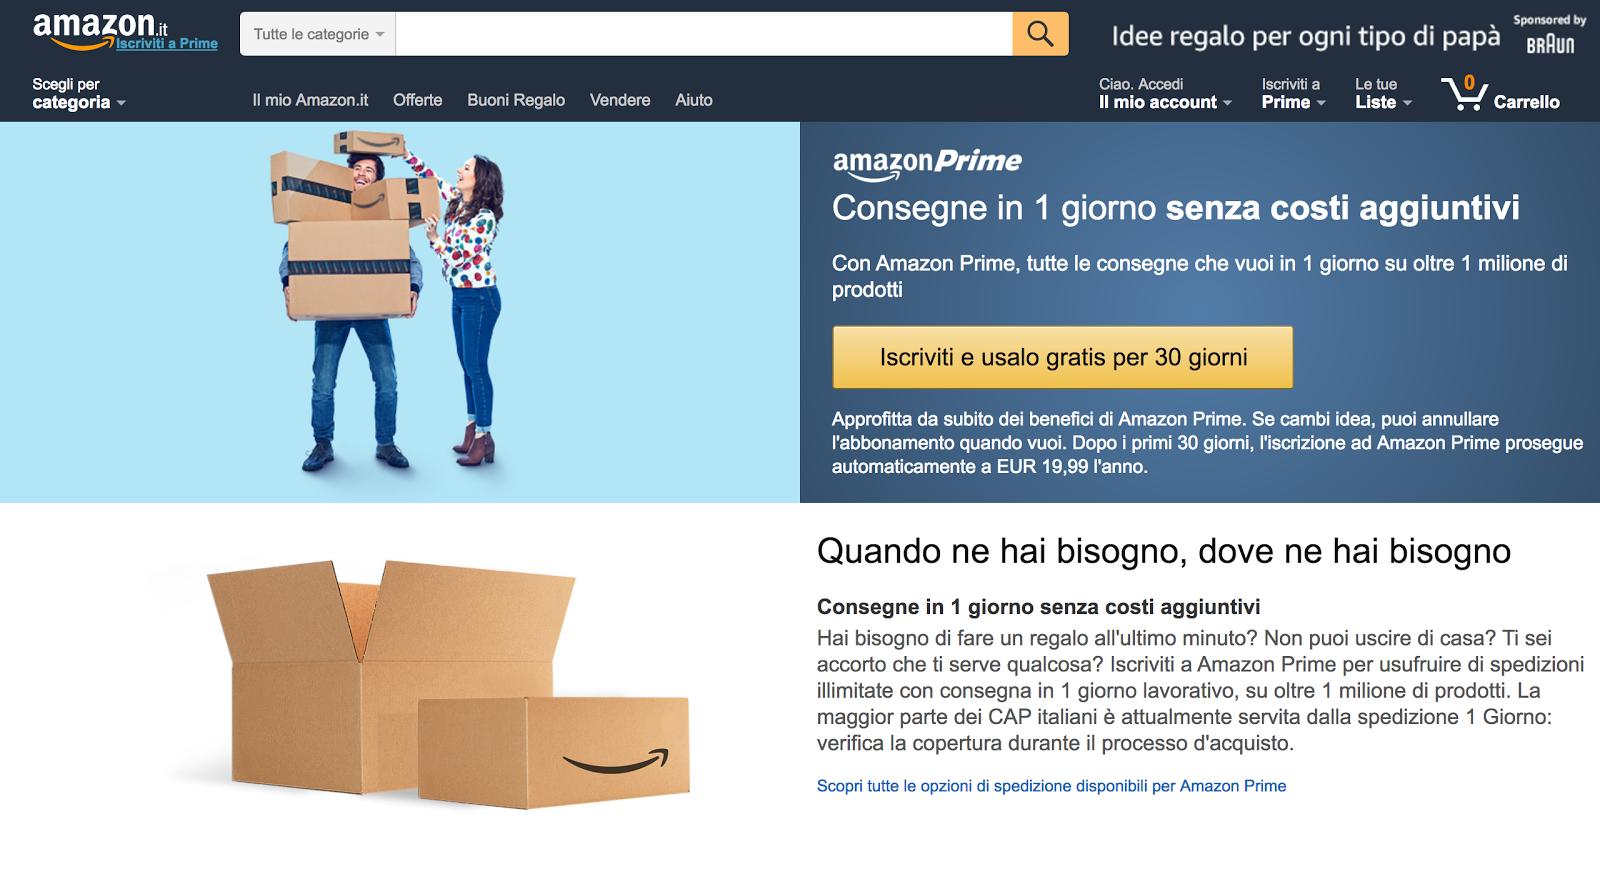 Perché avere Amazon Prime